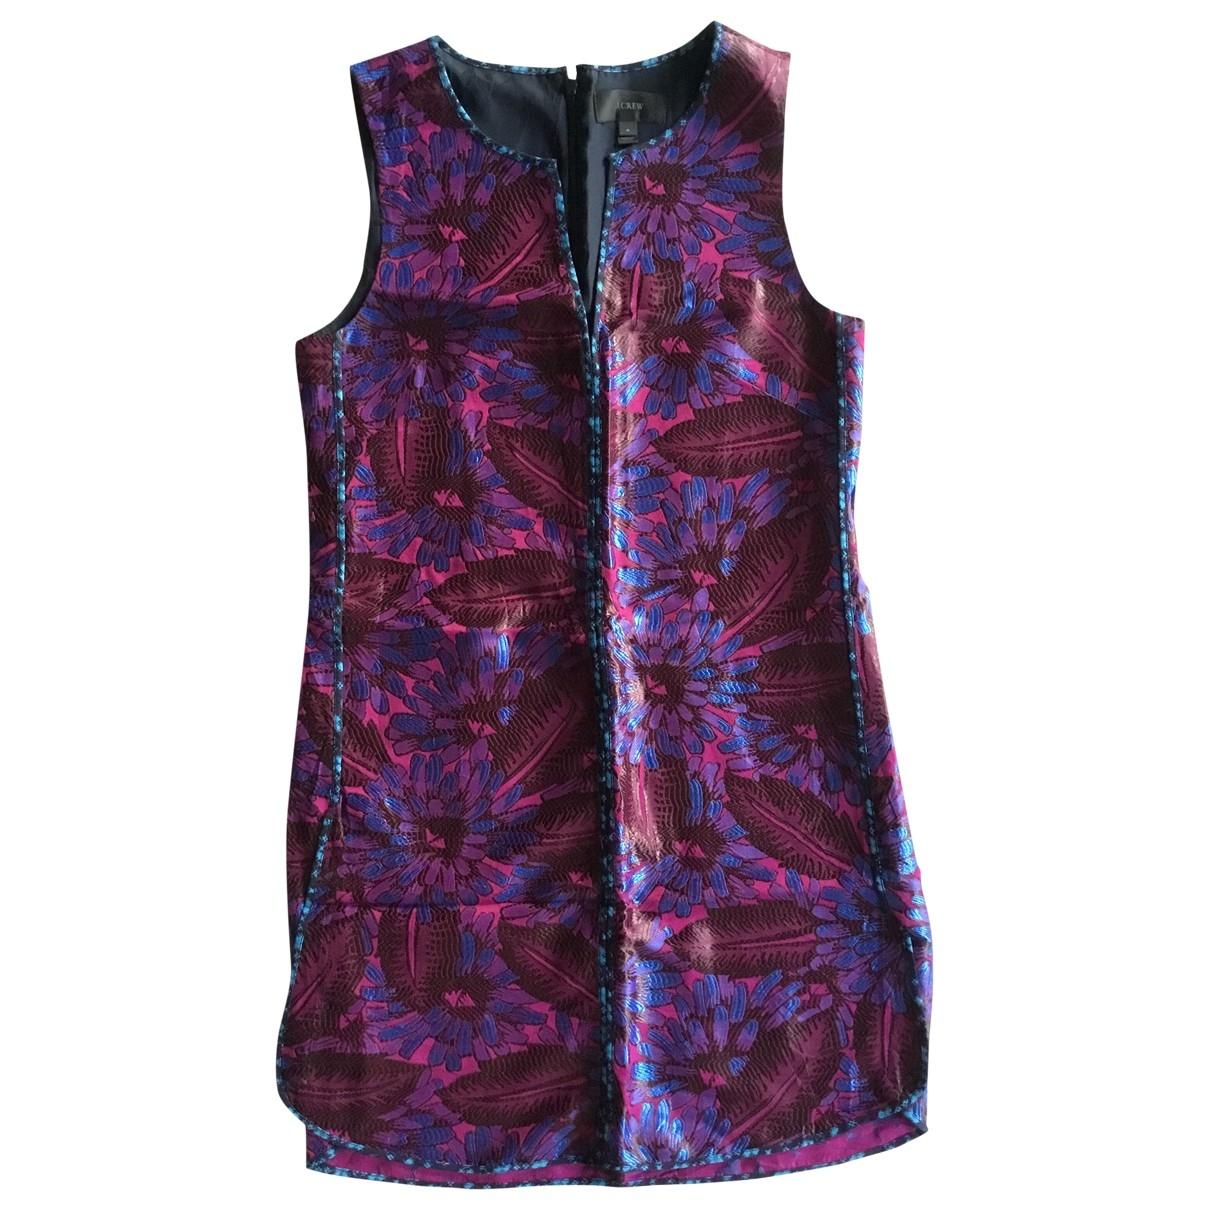 J.crew - Robe   pour femme - violet